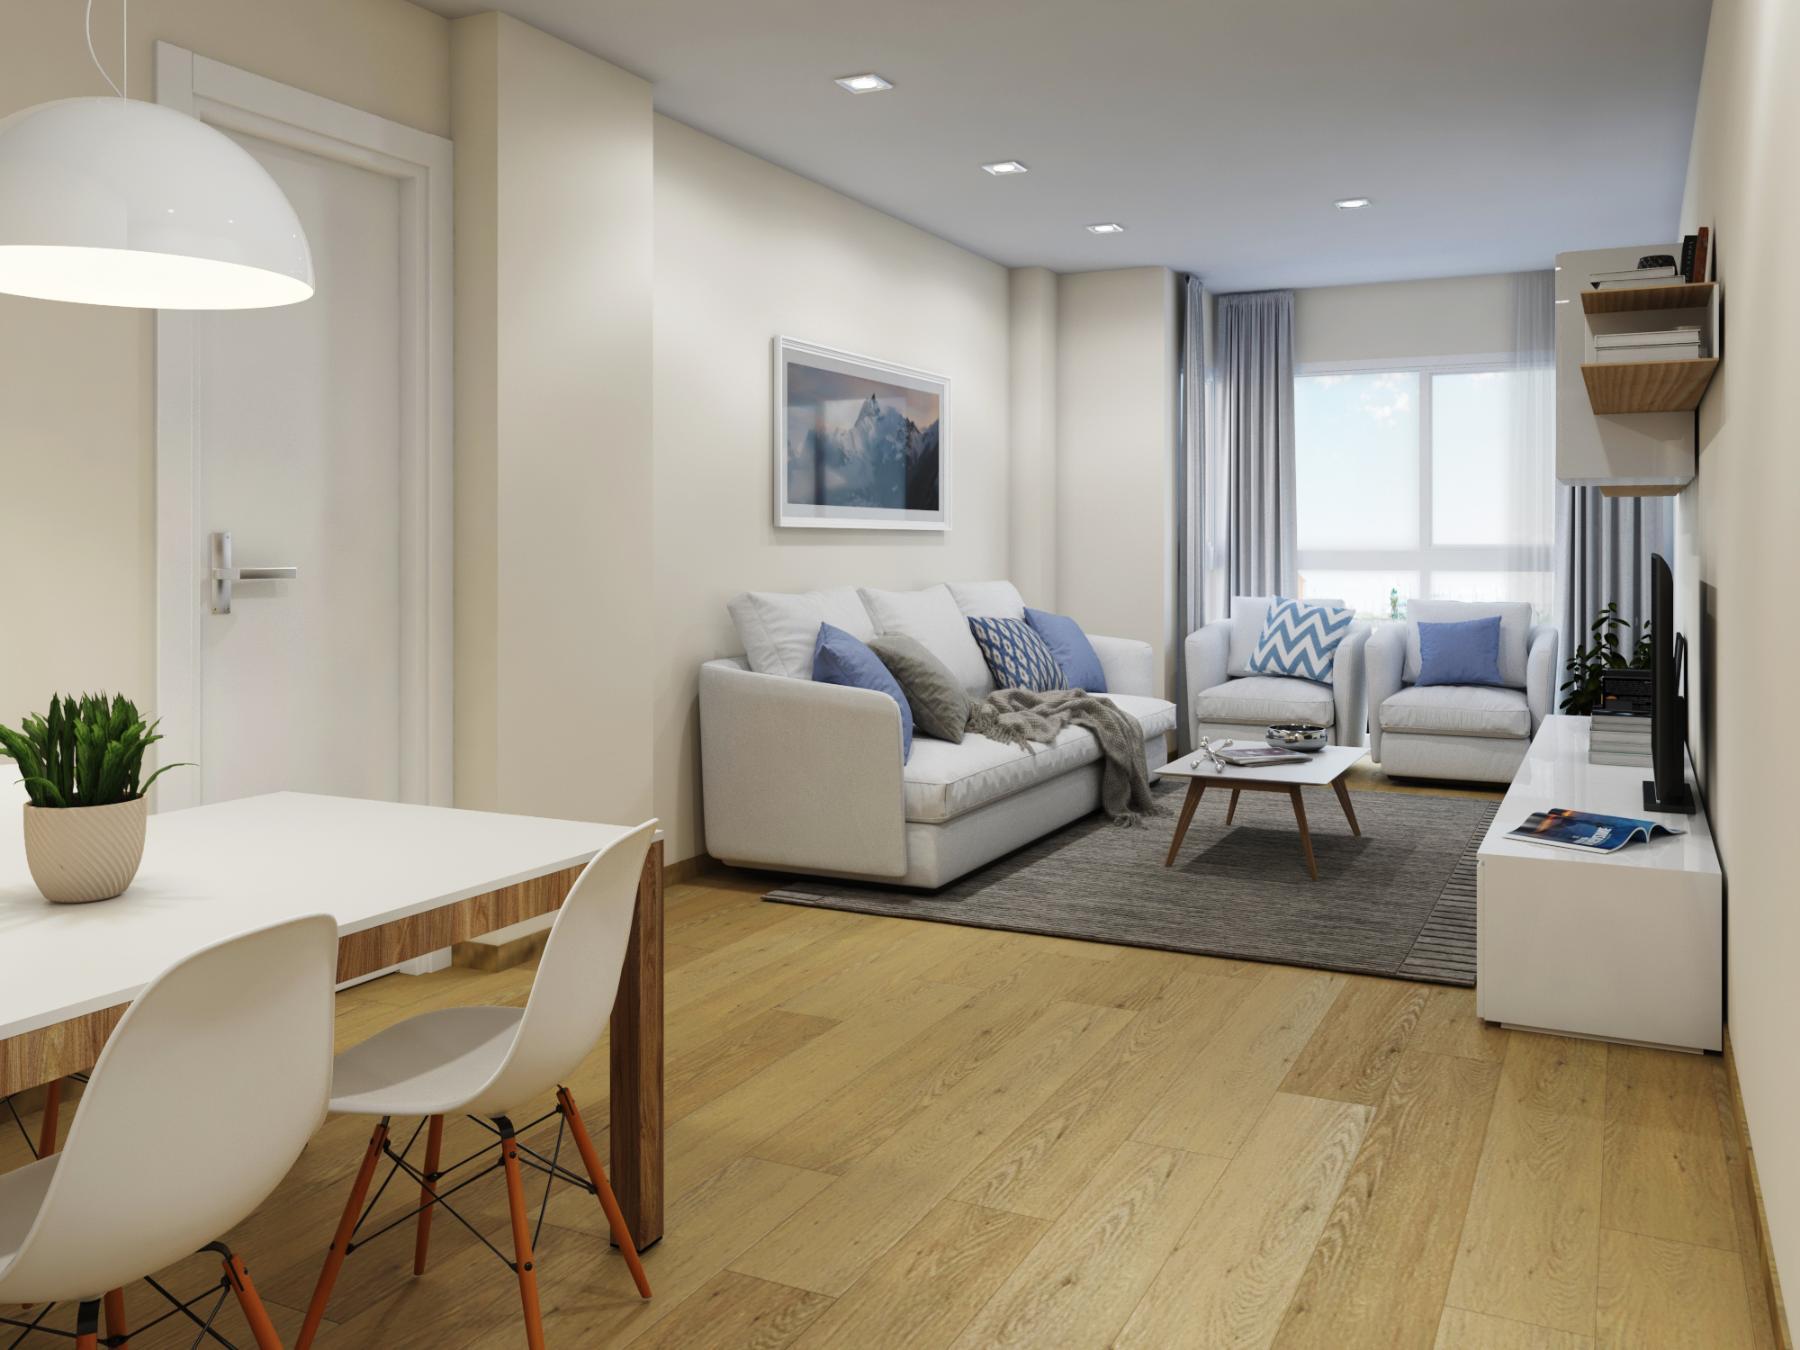 Piso en venta en Valencia, Valencia, Calle Juan Jose Sister, 239.500 €, 4 habitaciones, 2 baños, 122 m2